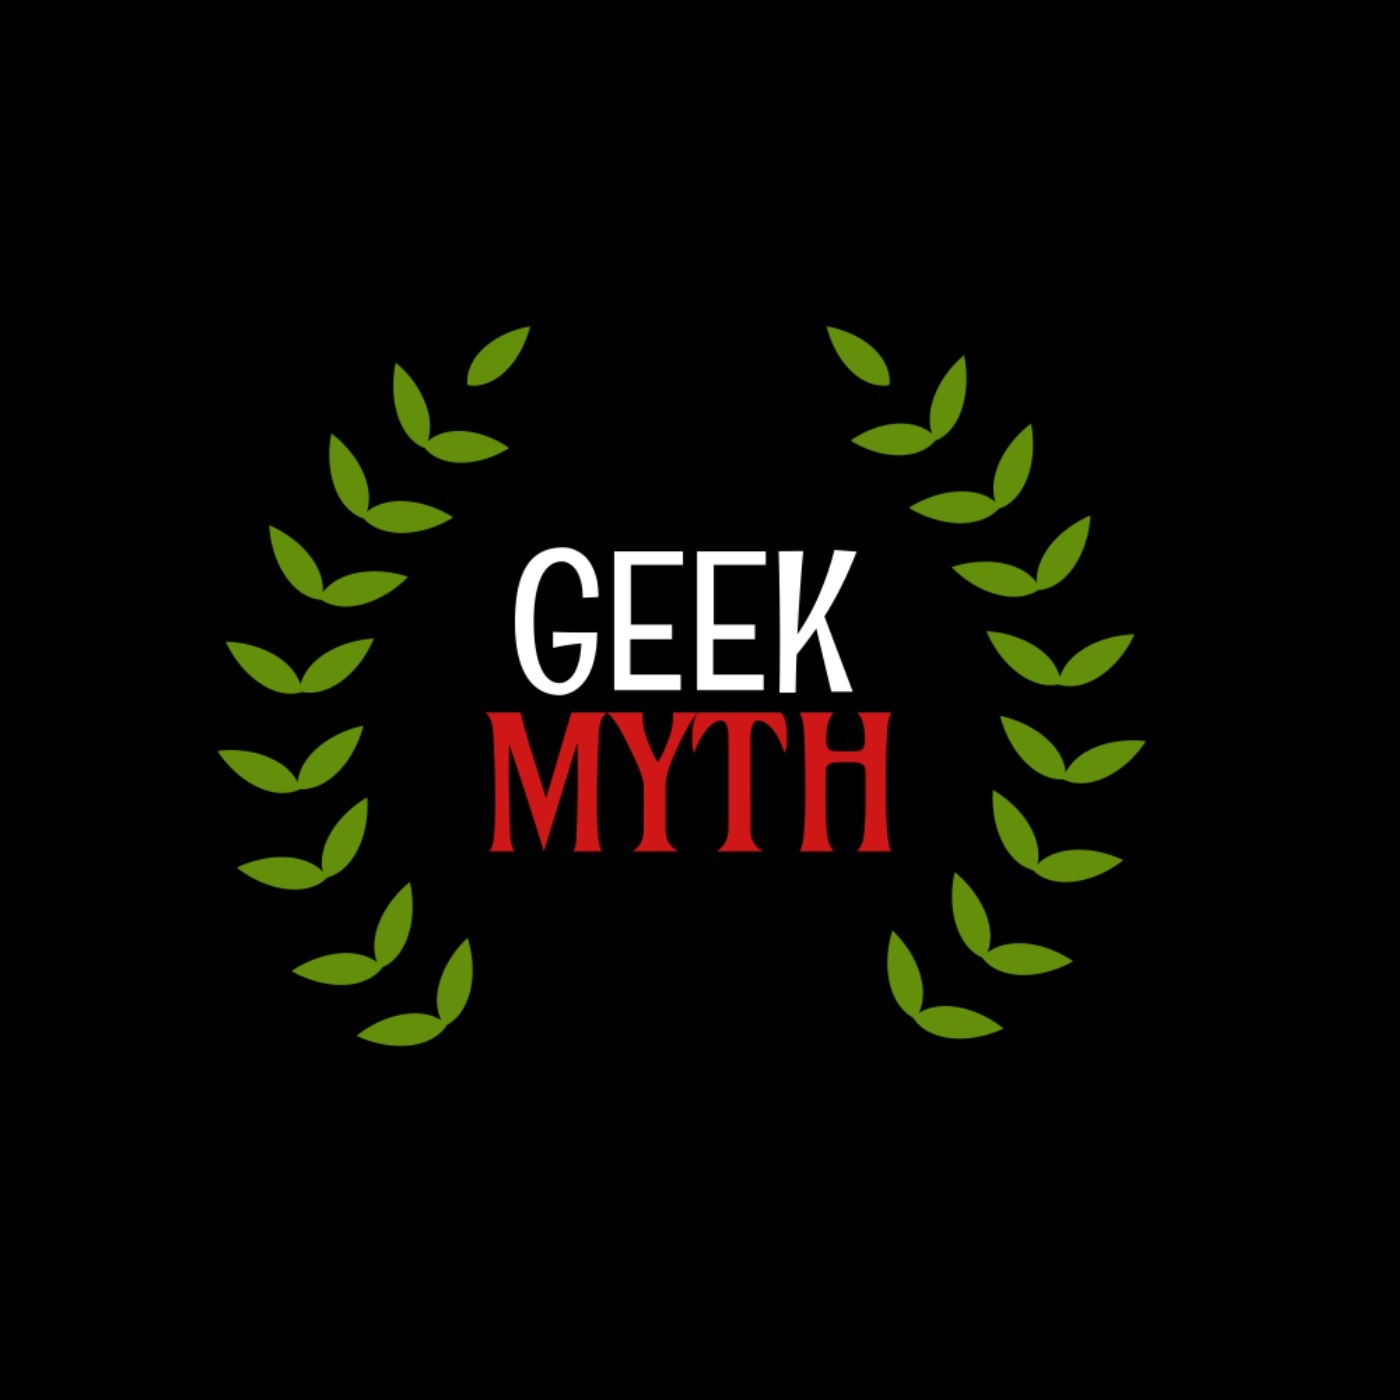 Geek Myth